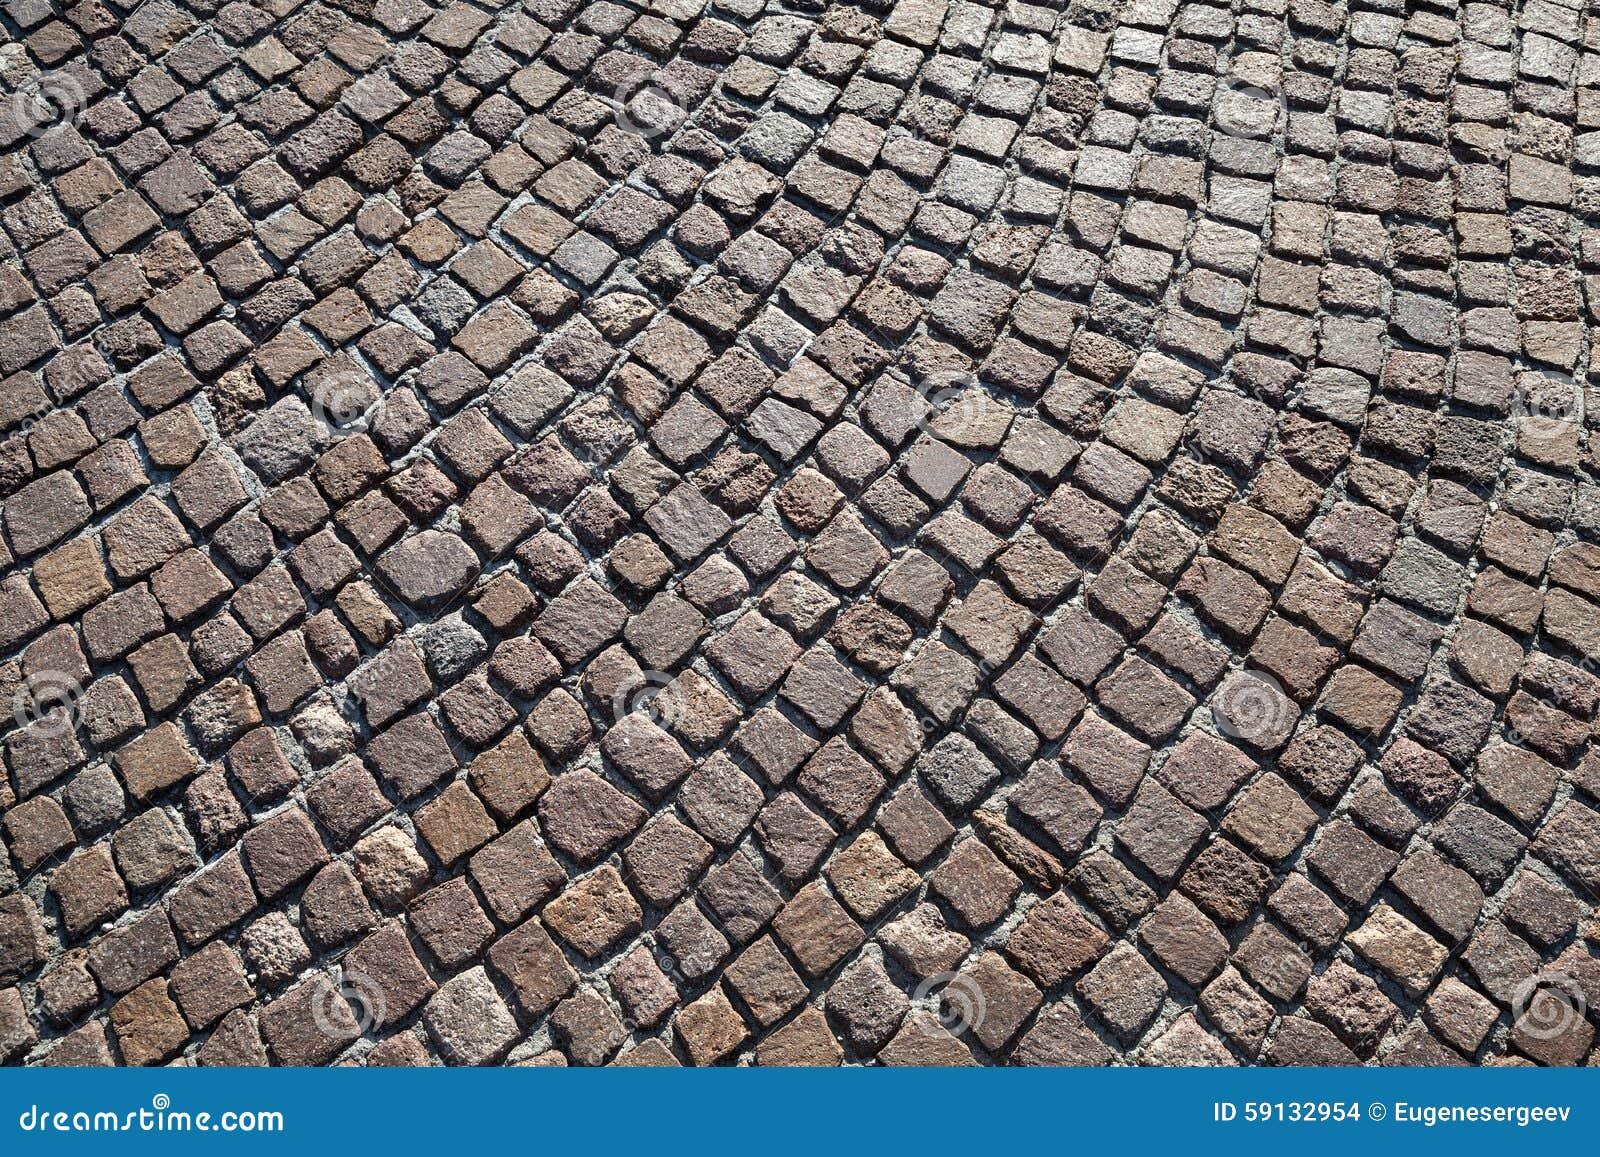 Brown Granite Cobblestone Road Pavement Stock Photo